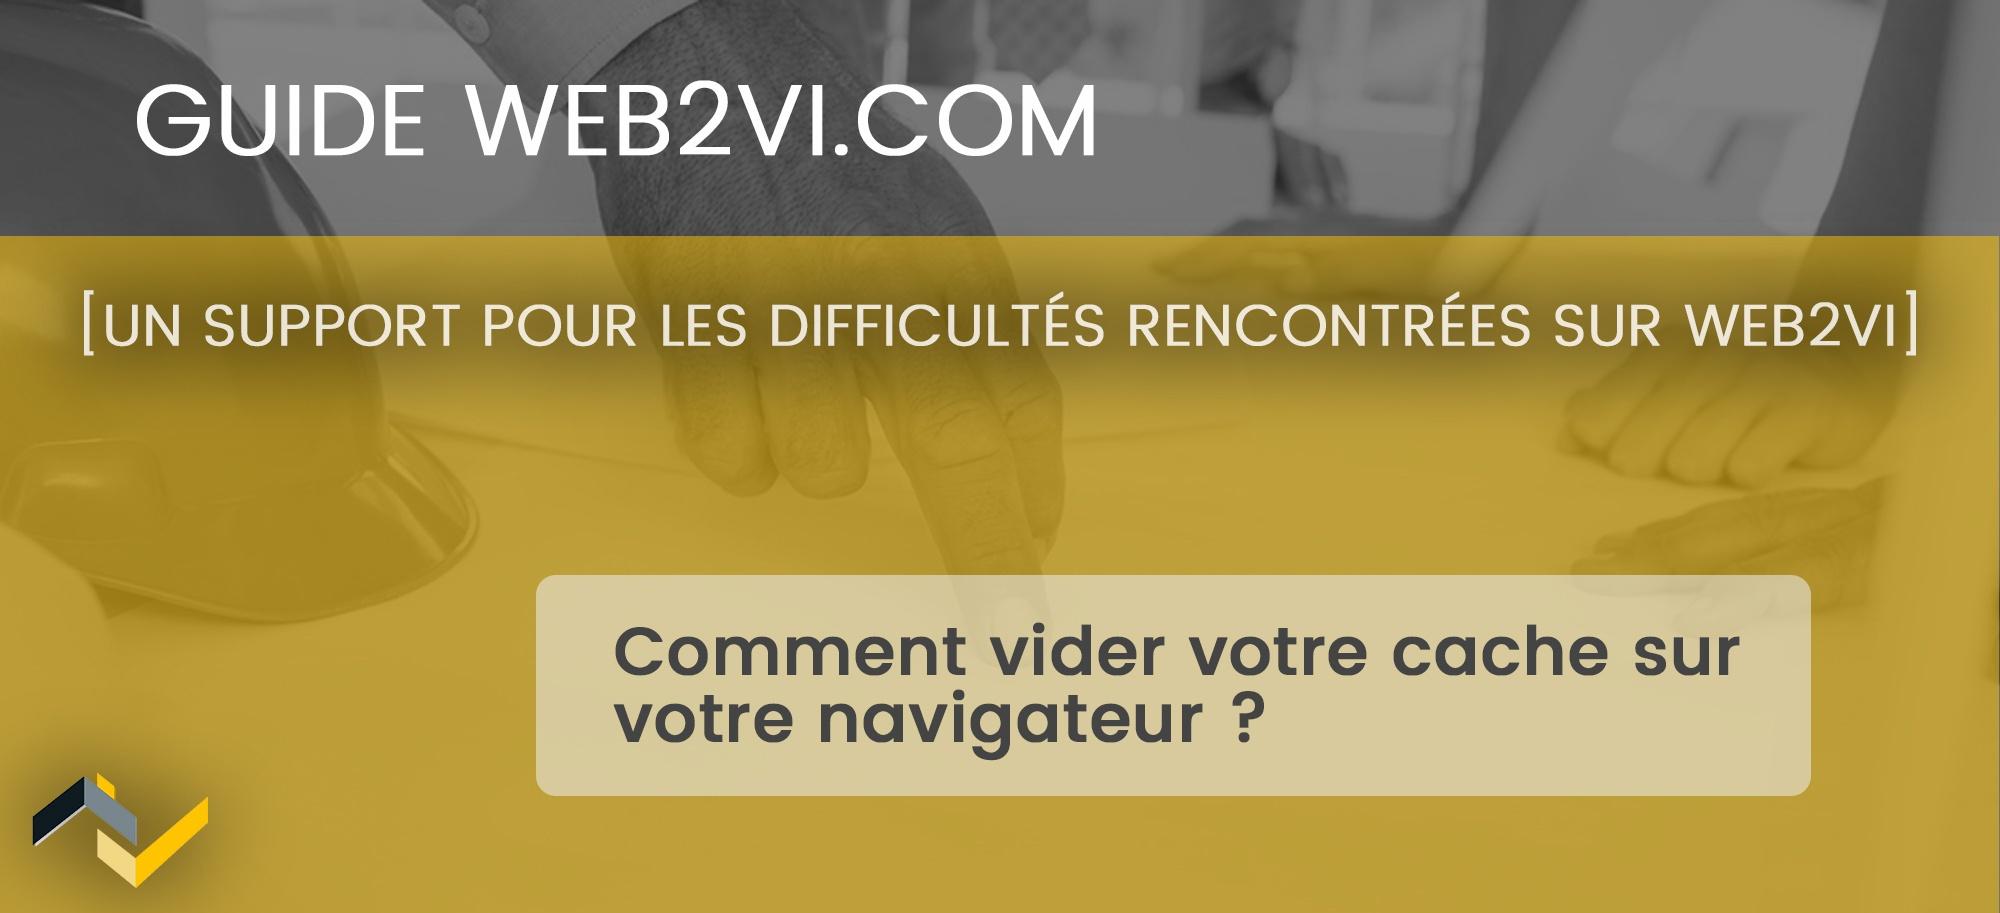 Vider votre cache à la suite d'un message d'erreur sur Web2vi.com